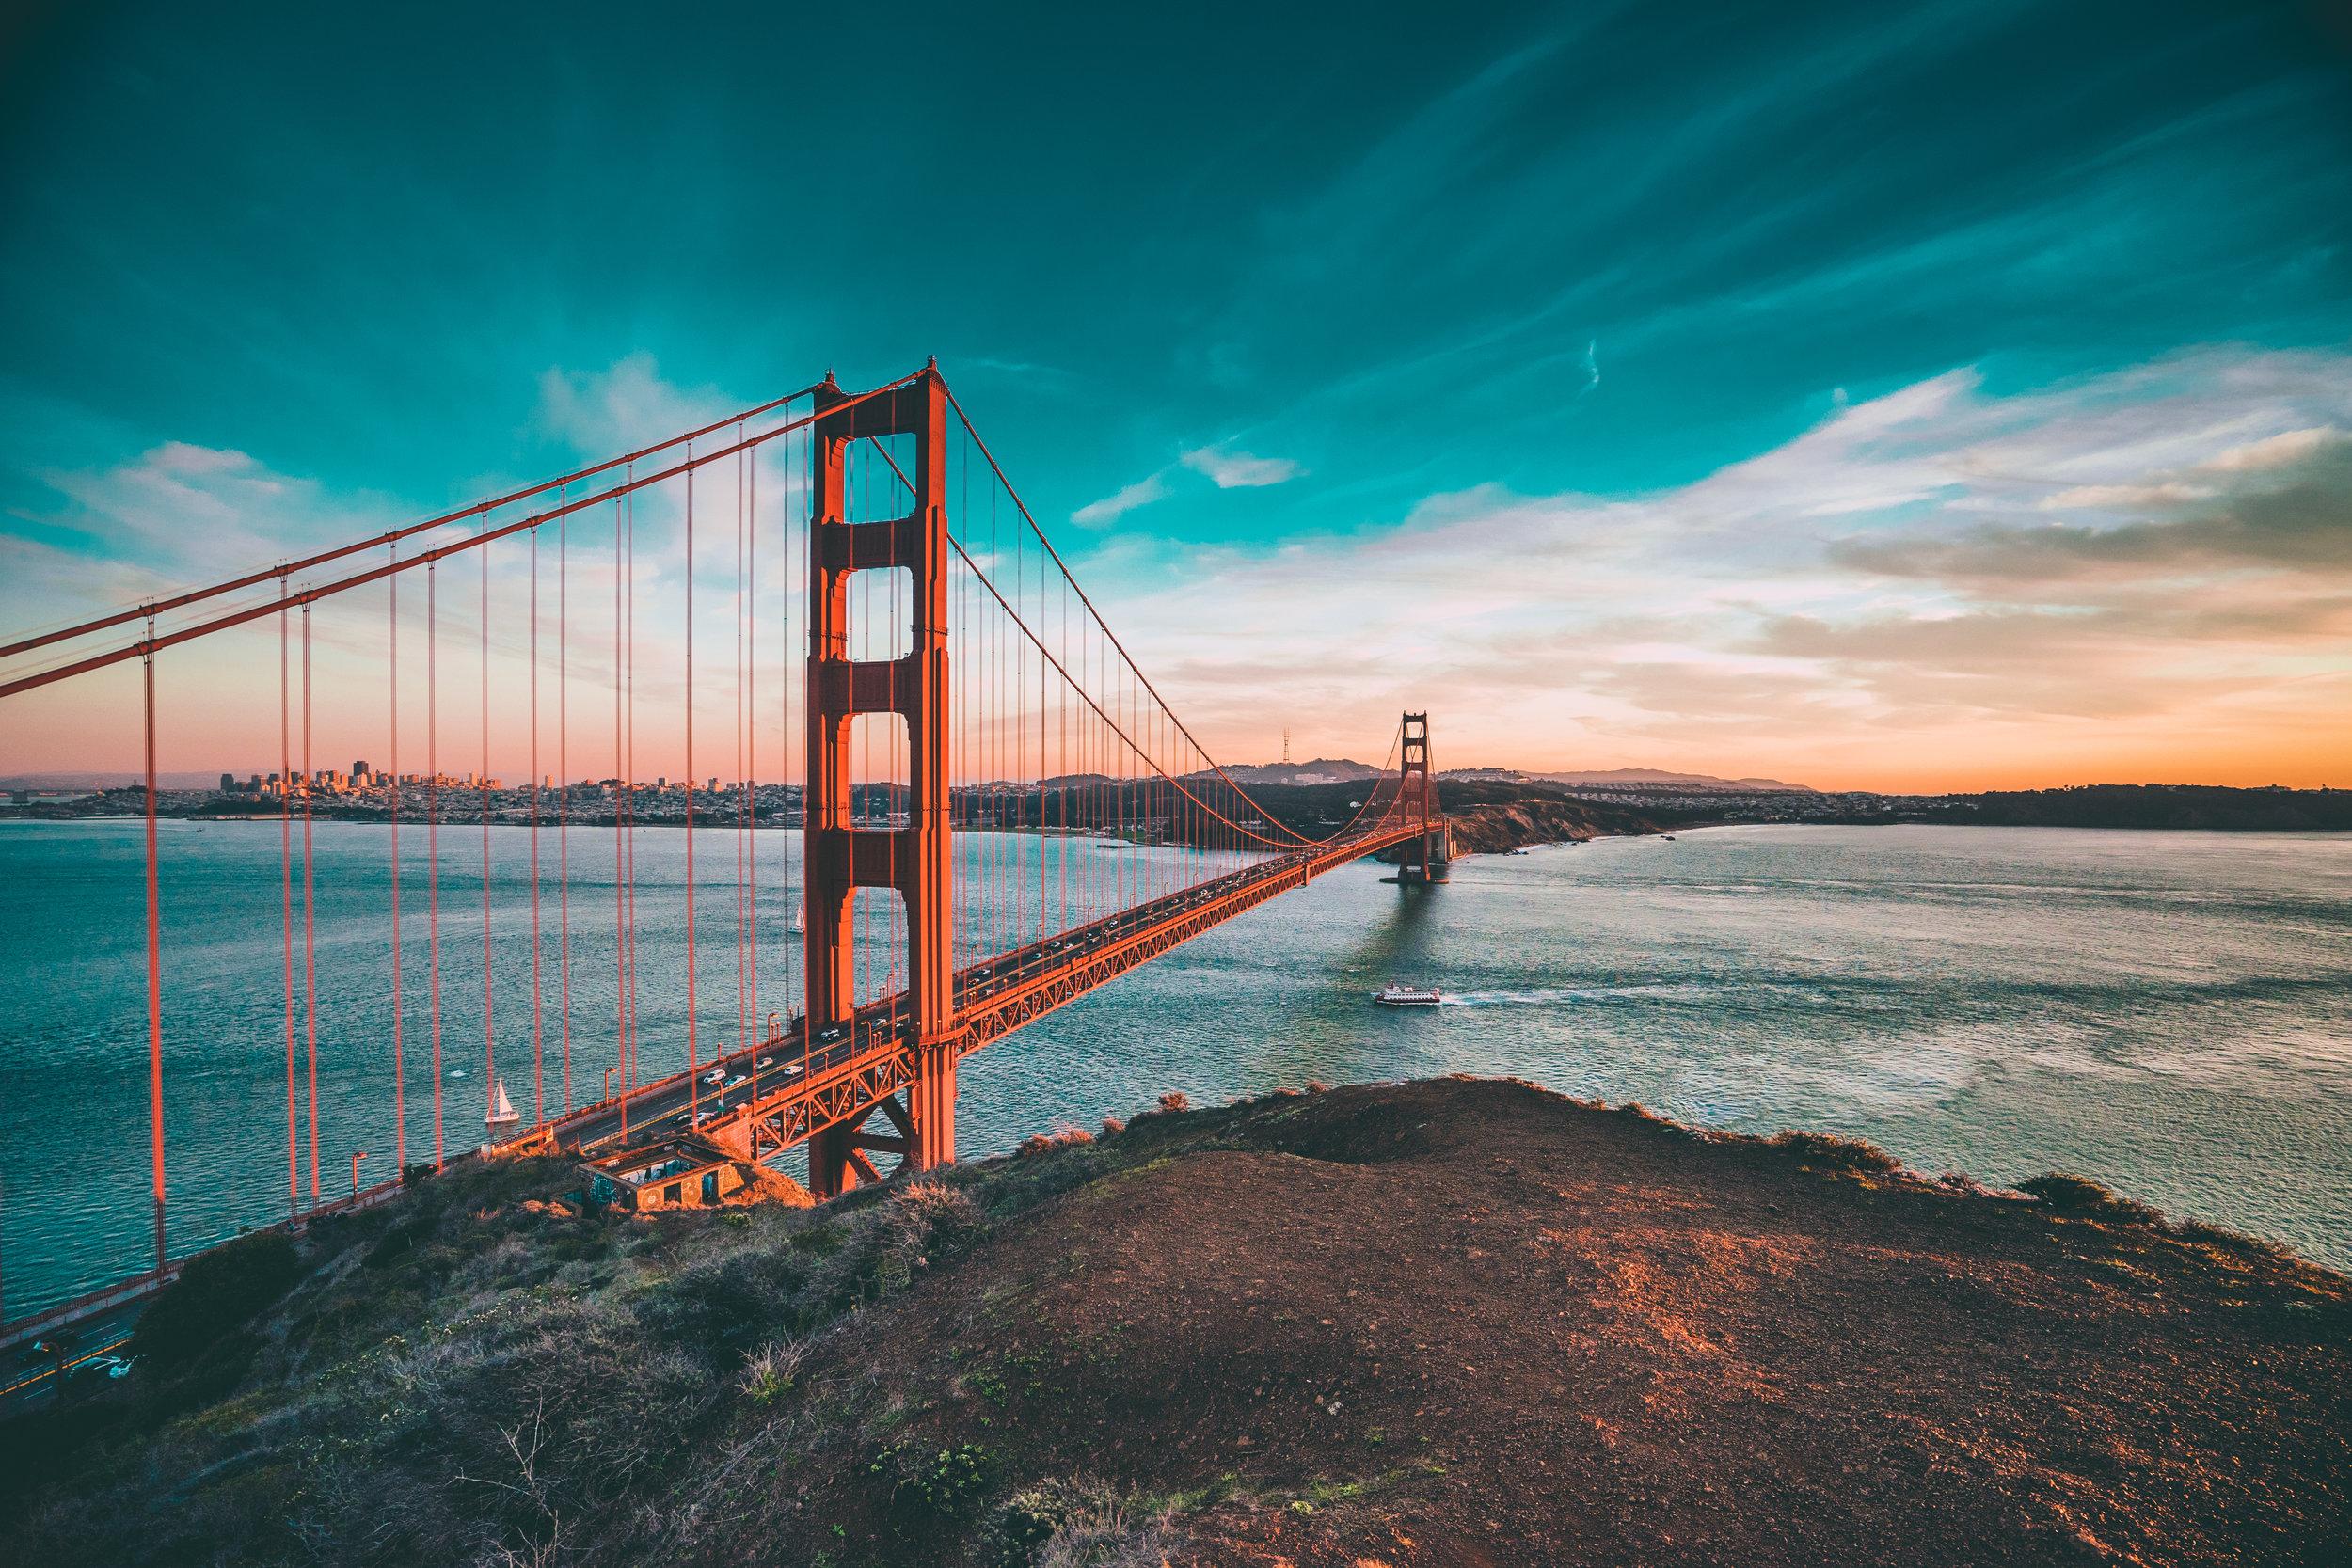 NORCAL TOUR (3 DAYS) - Colleges: University of San Francisco, Stanford, Santa Clara University, UC Berkeley, UC DavisCost: $1198 (Early Bird); $1298 (Regular)Next Tour: TBA